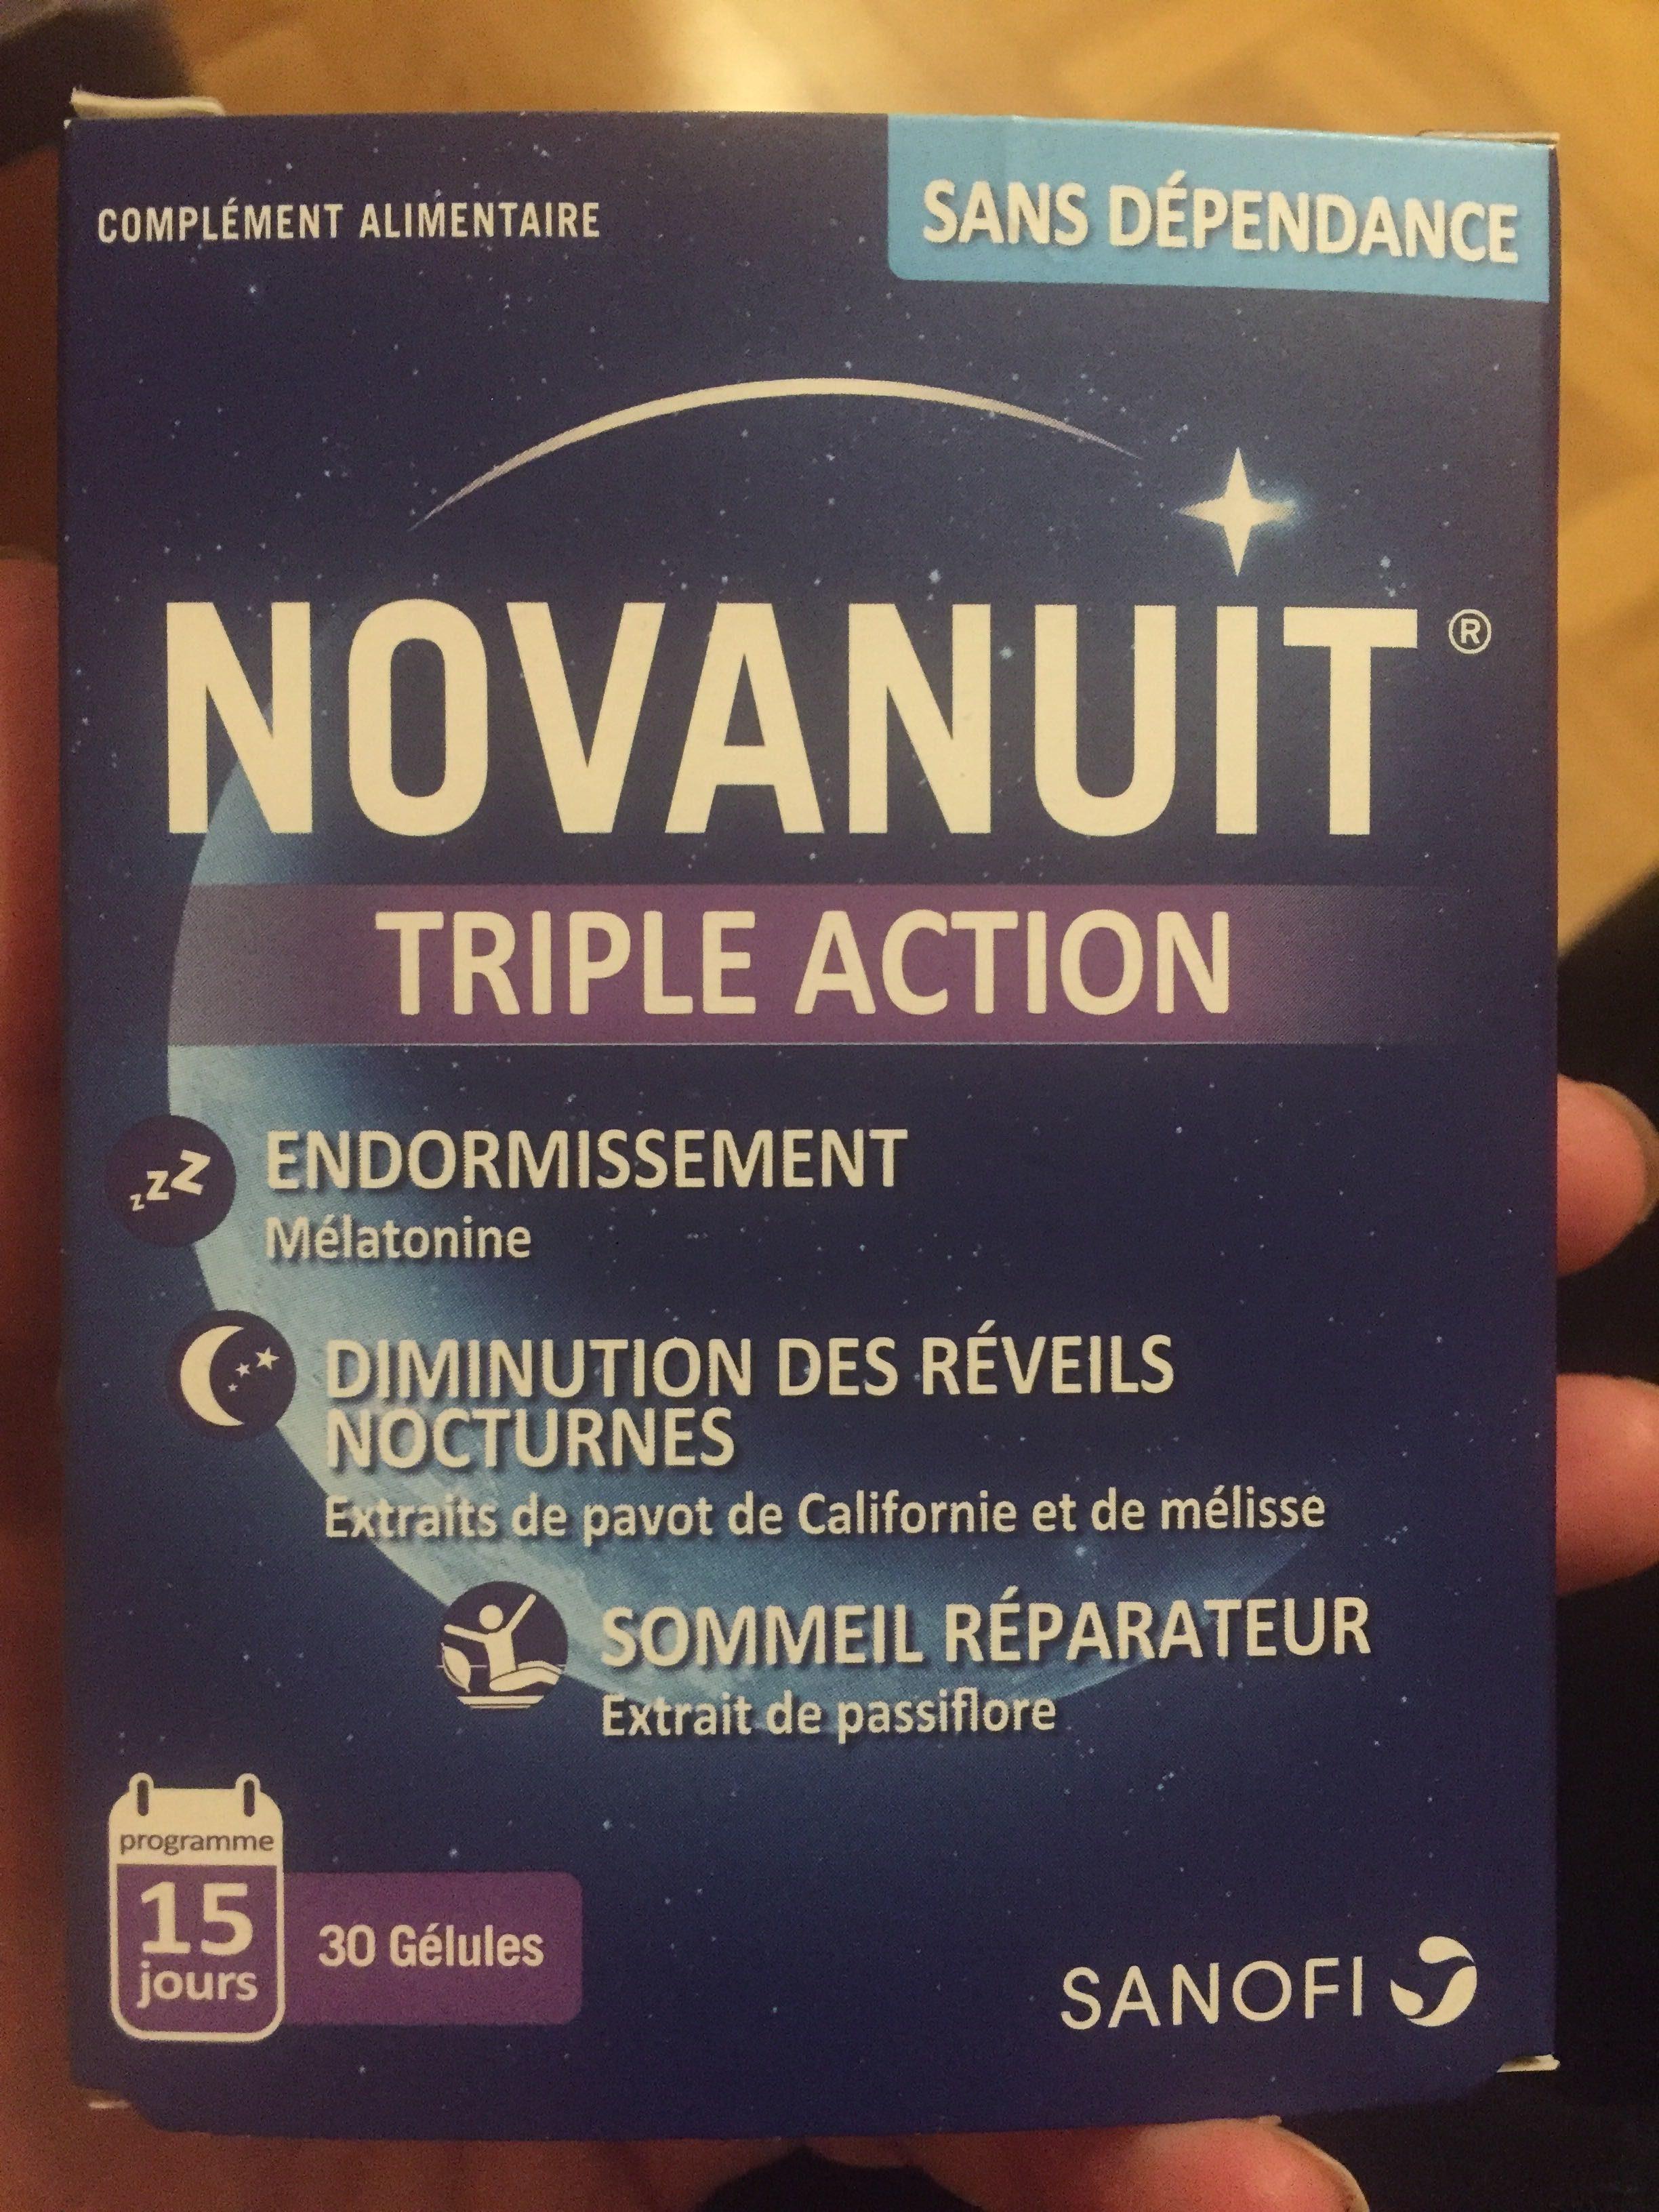 Sanofi Aventis Novanuit Triple Action 30 Gélules - Product